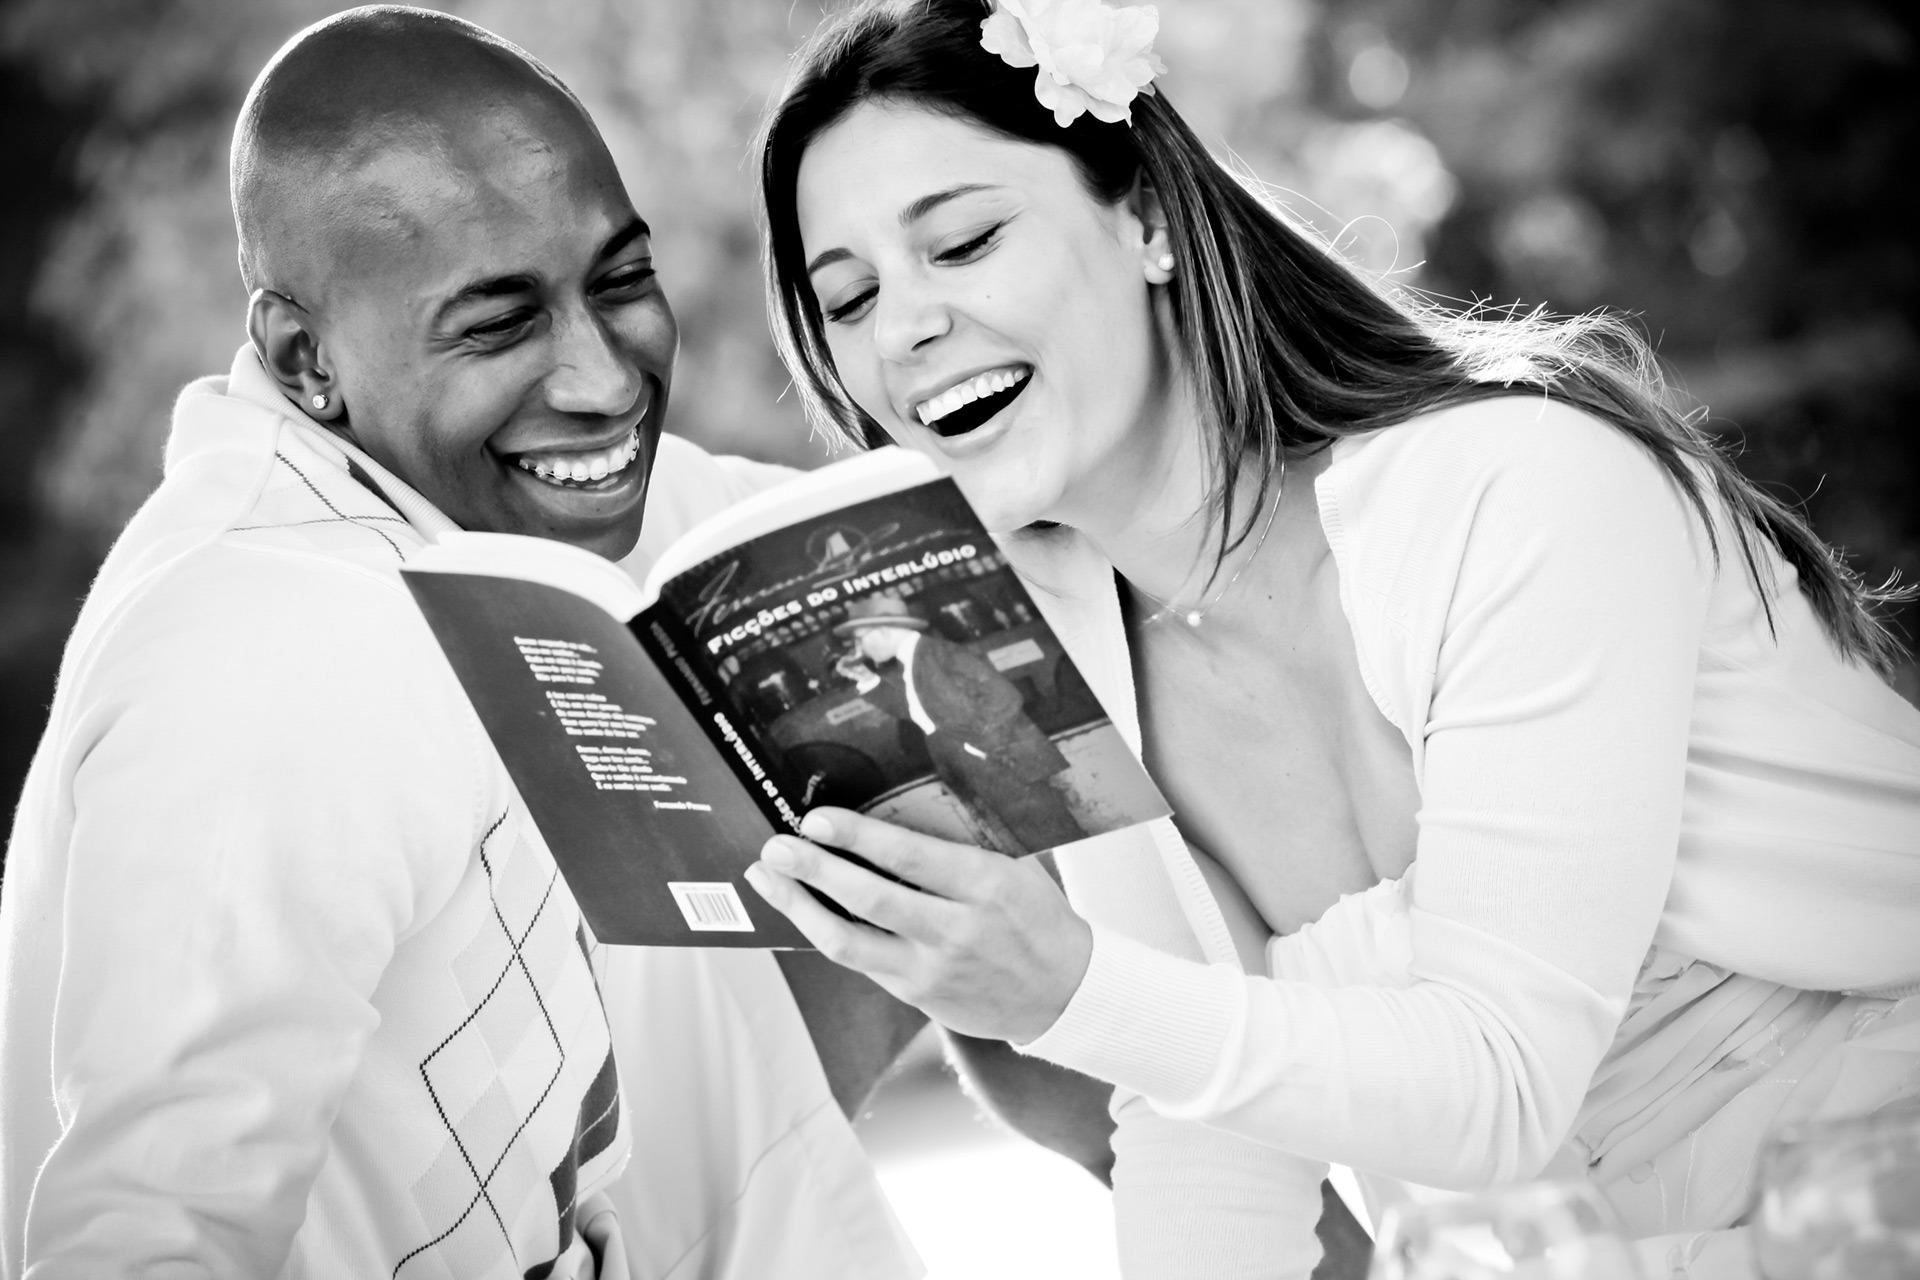 casal-ensaio-pre-wedding-seguran-livro-e-sorrindo-parque-villa-lobos